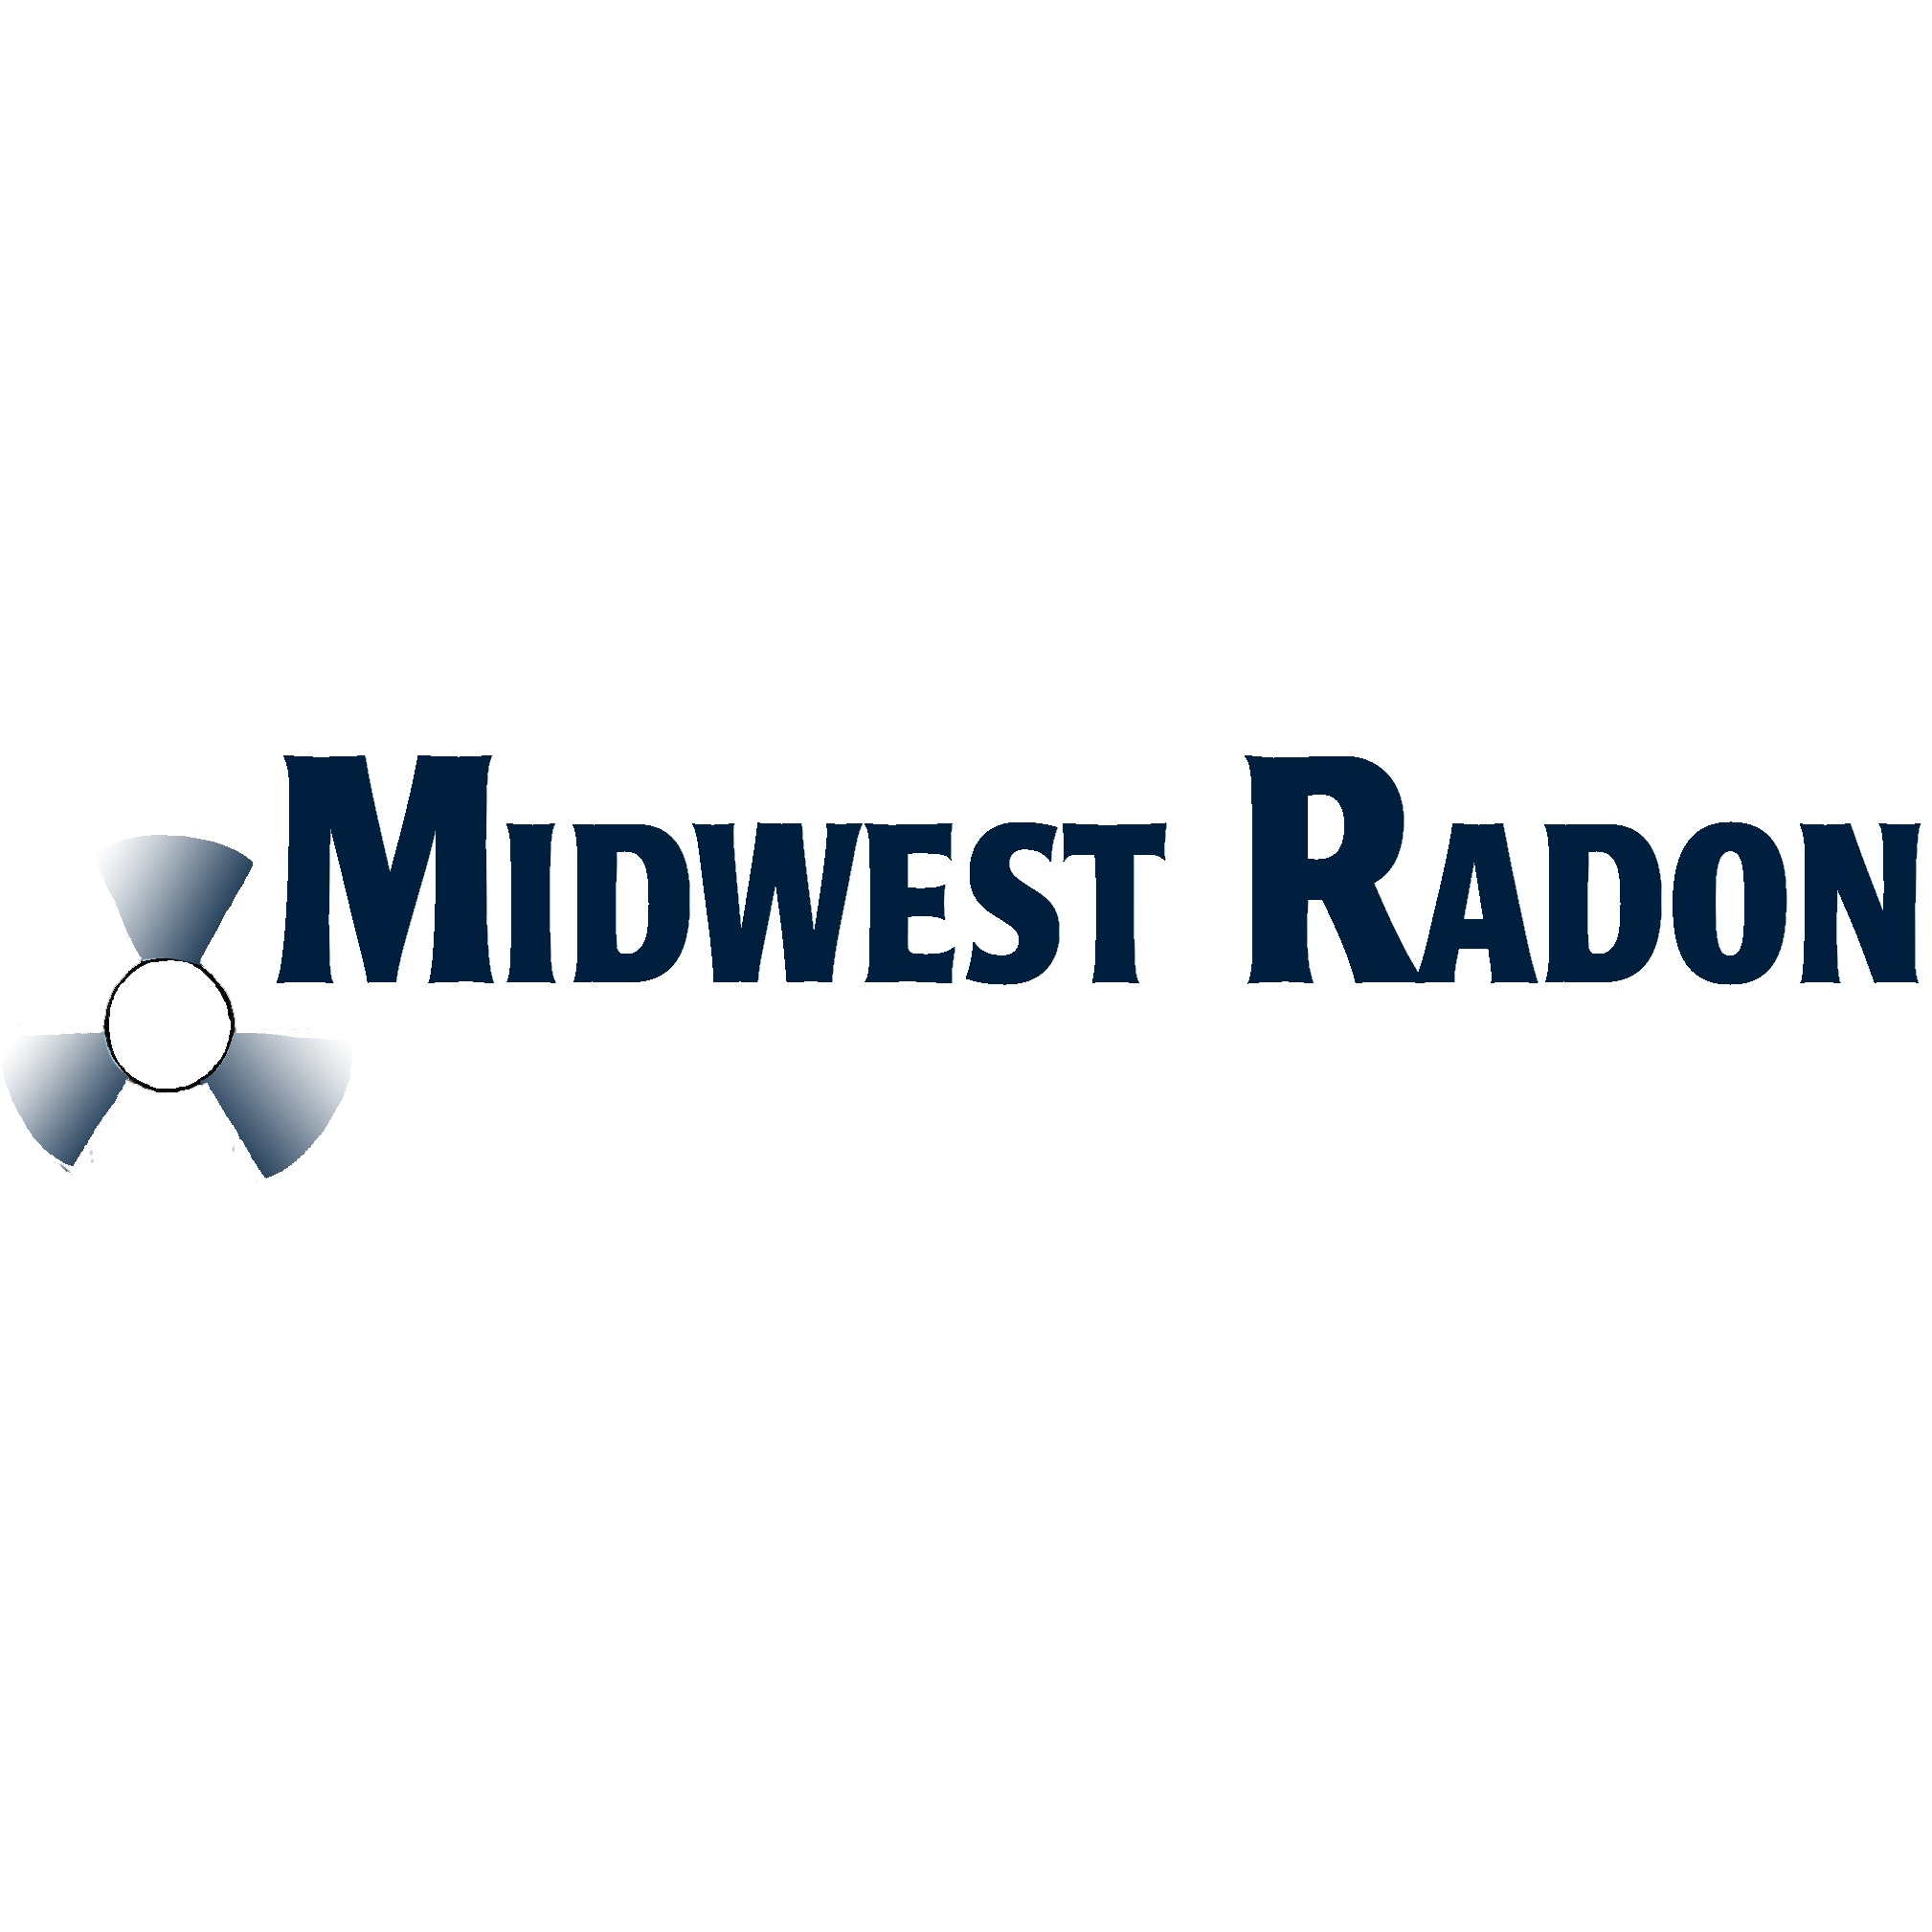 Midwest Radon Olathe Kansas Ks Localdatabase Com